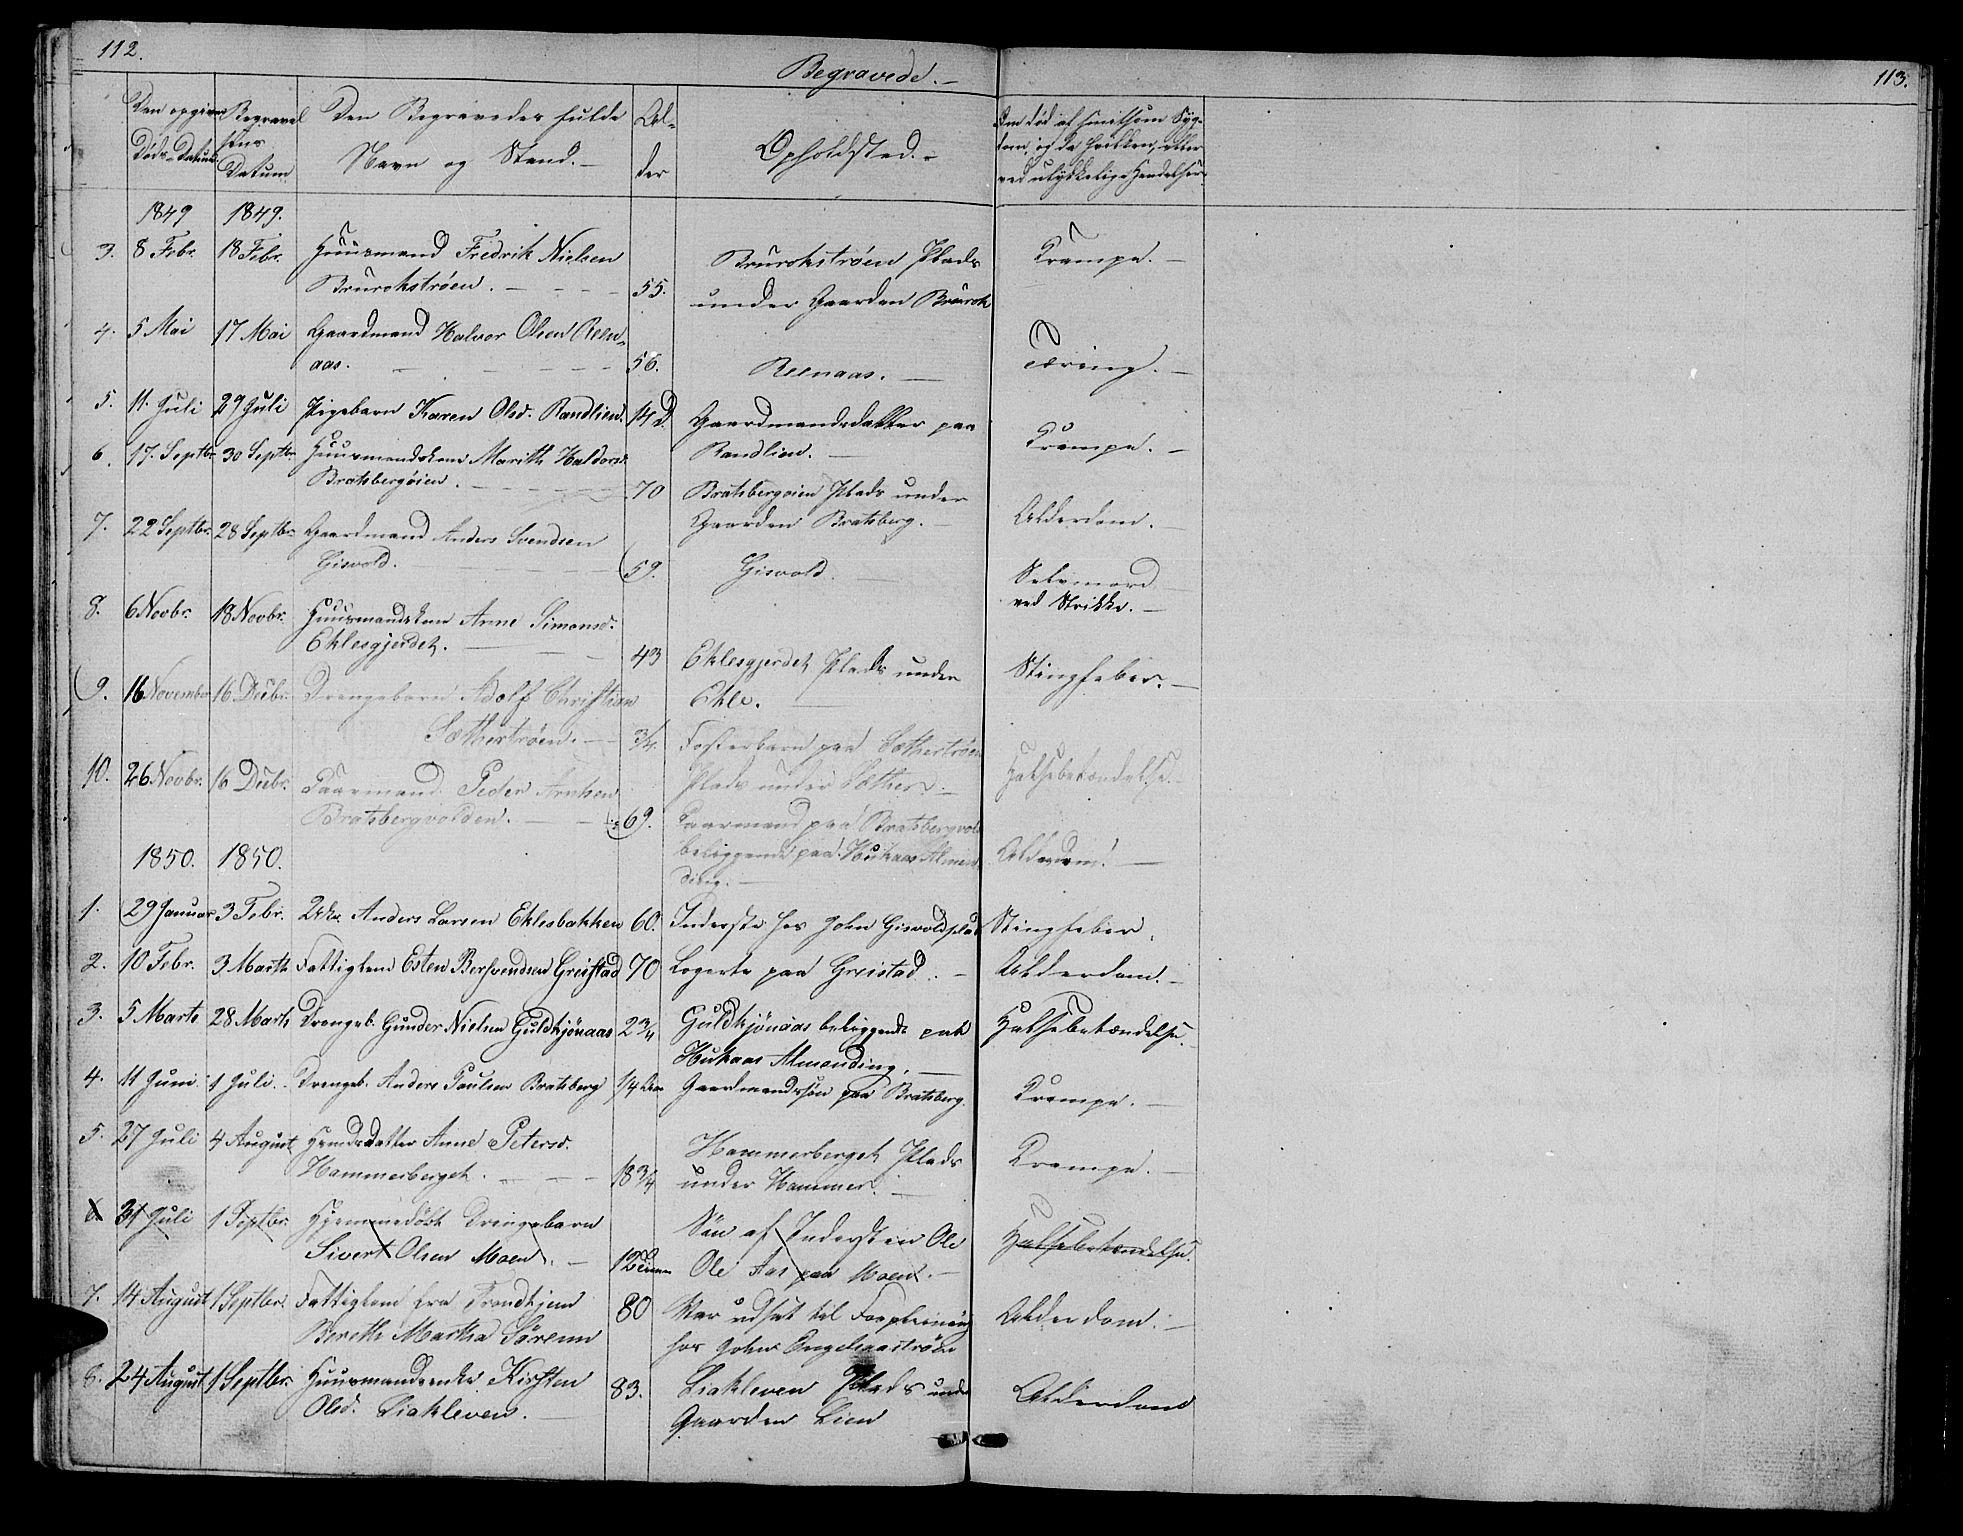 SAT, Ministerialprotokoller, klokkerbøker og fødselsregistre - Sør-Trøndelag, 608/L0339: Klokkerbok nr. 608C05, 1844-1863, s. 112-113